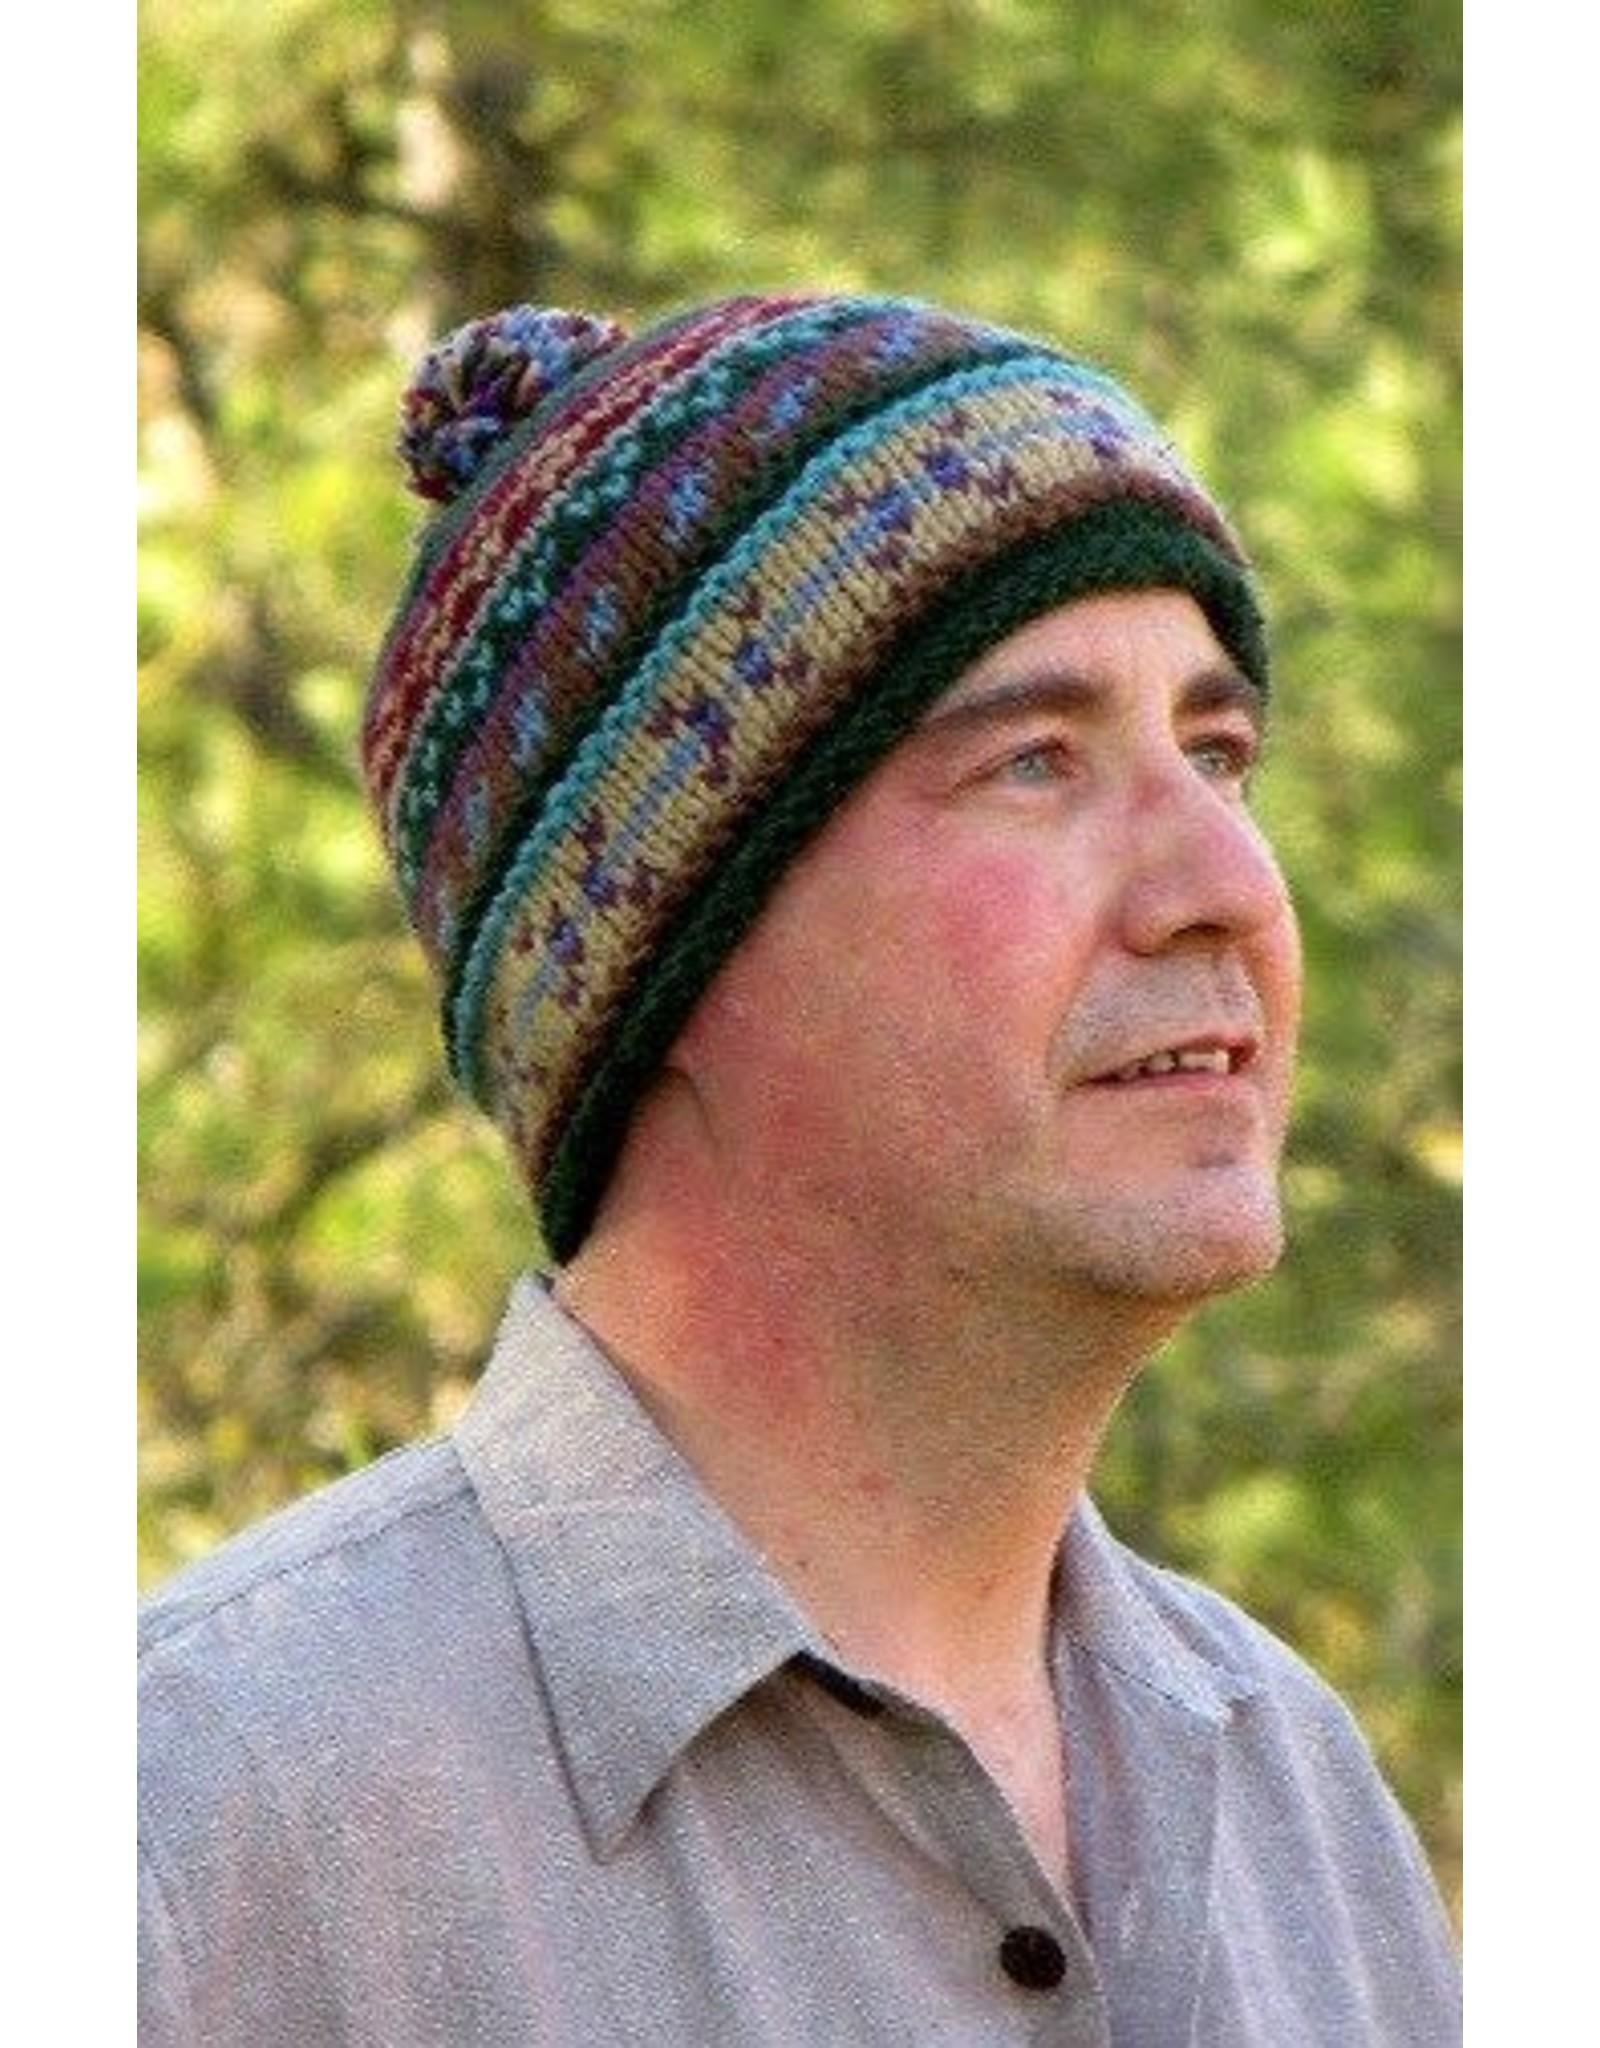 Ganesh Himal Patterned Knit Hat, assorted.